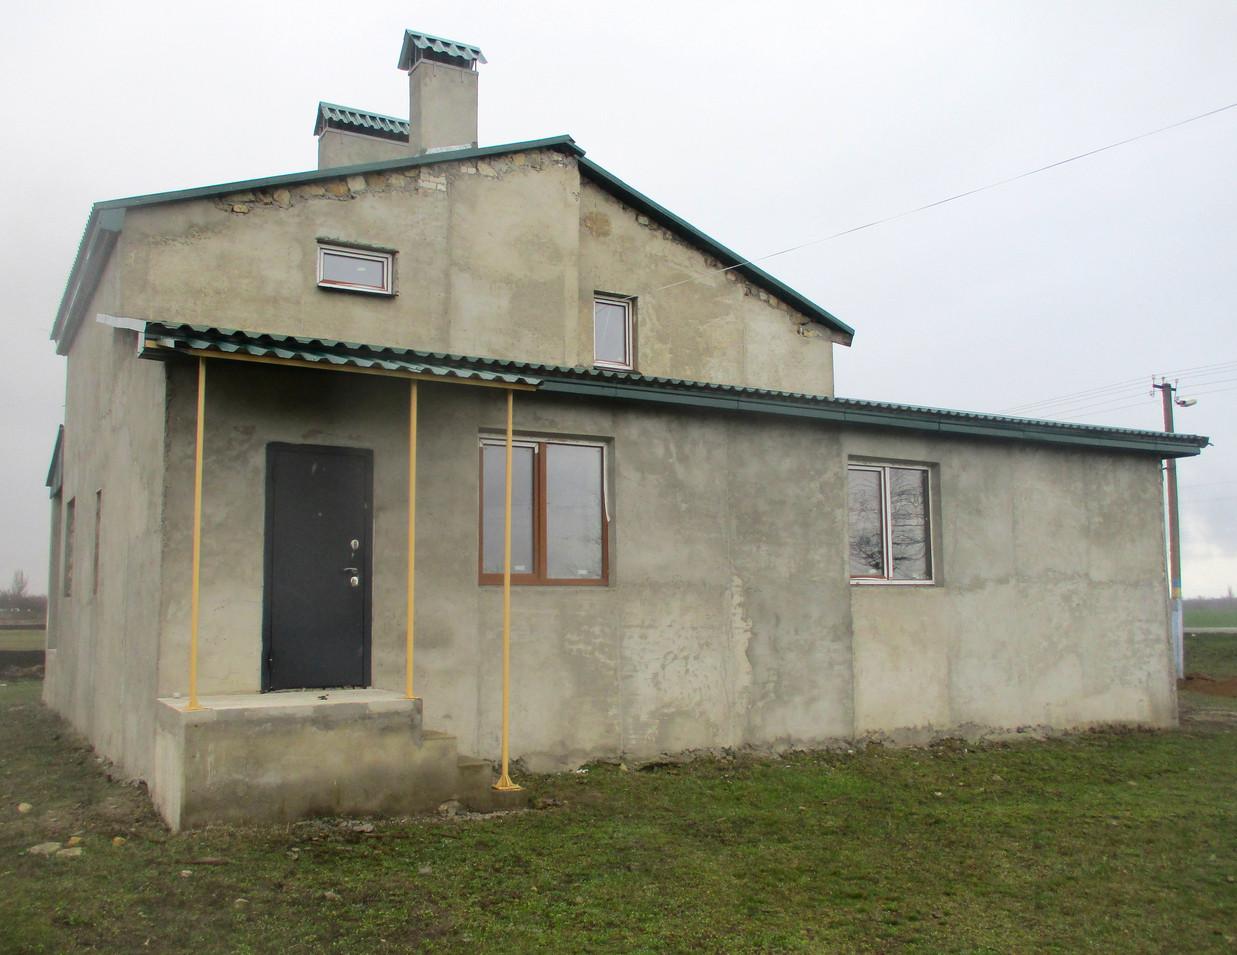 Будівництво у с. Широке Снігурівського району Миколаївської області